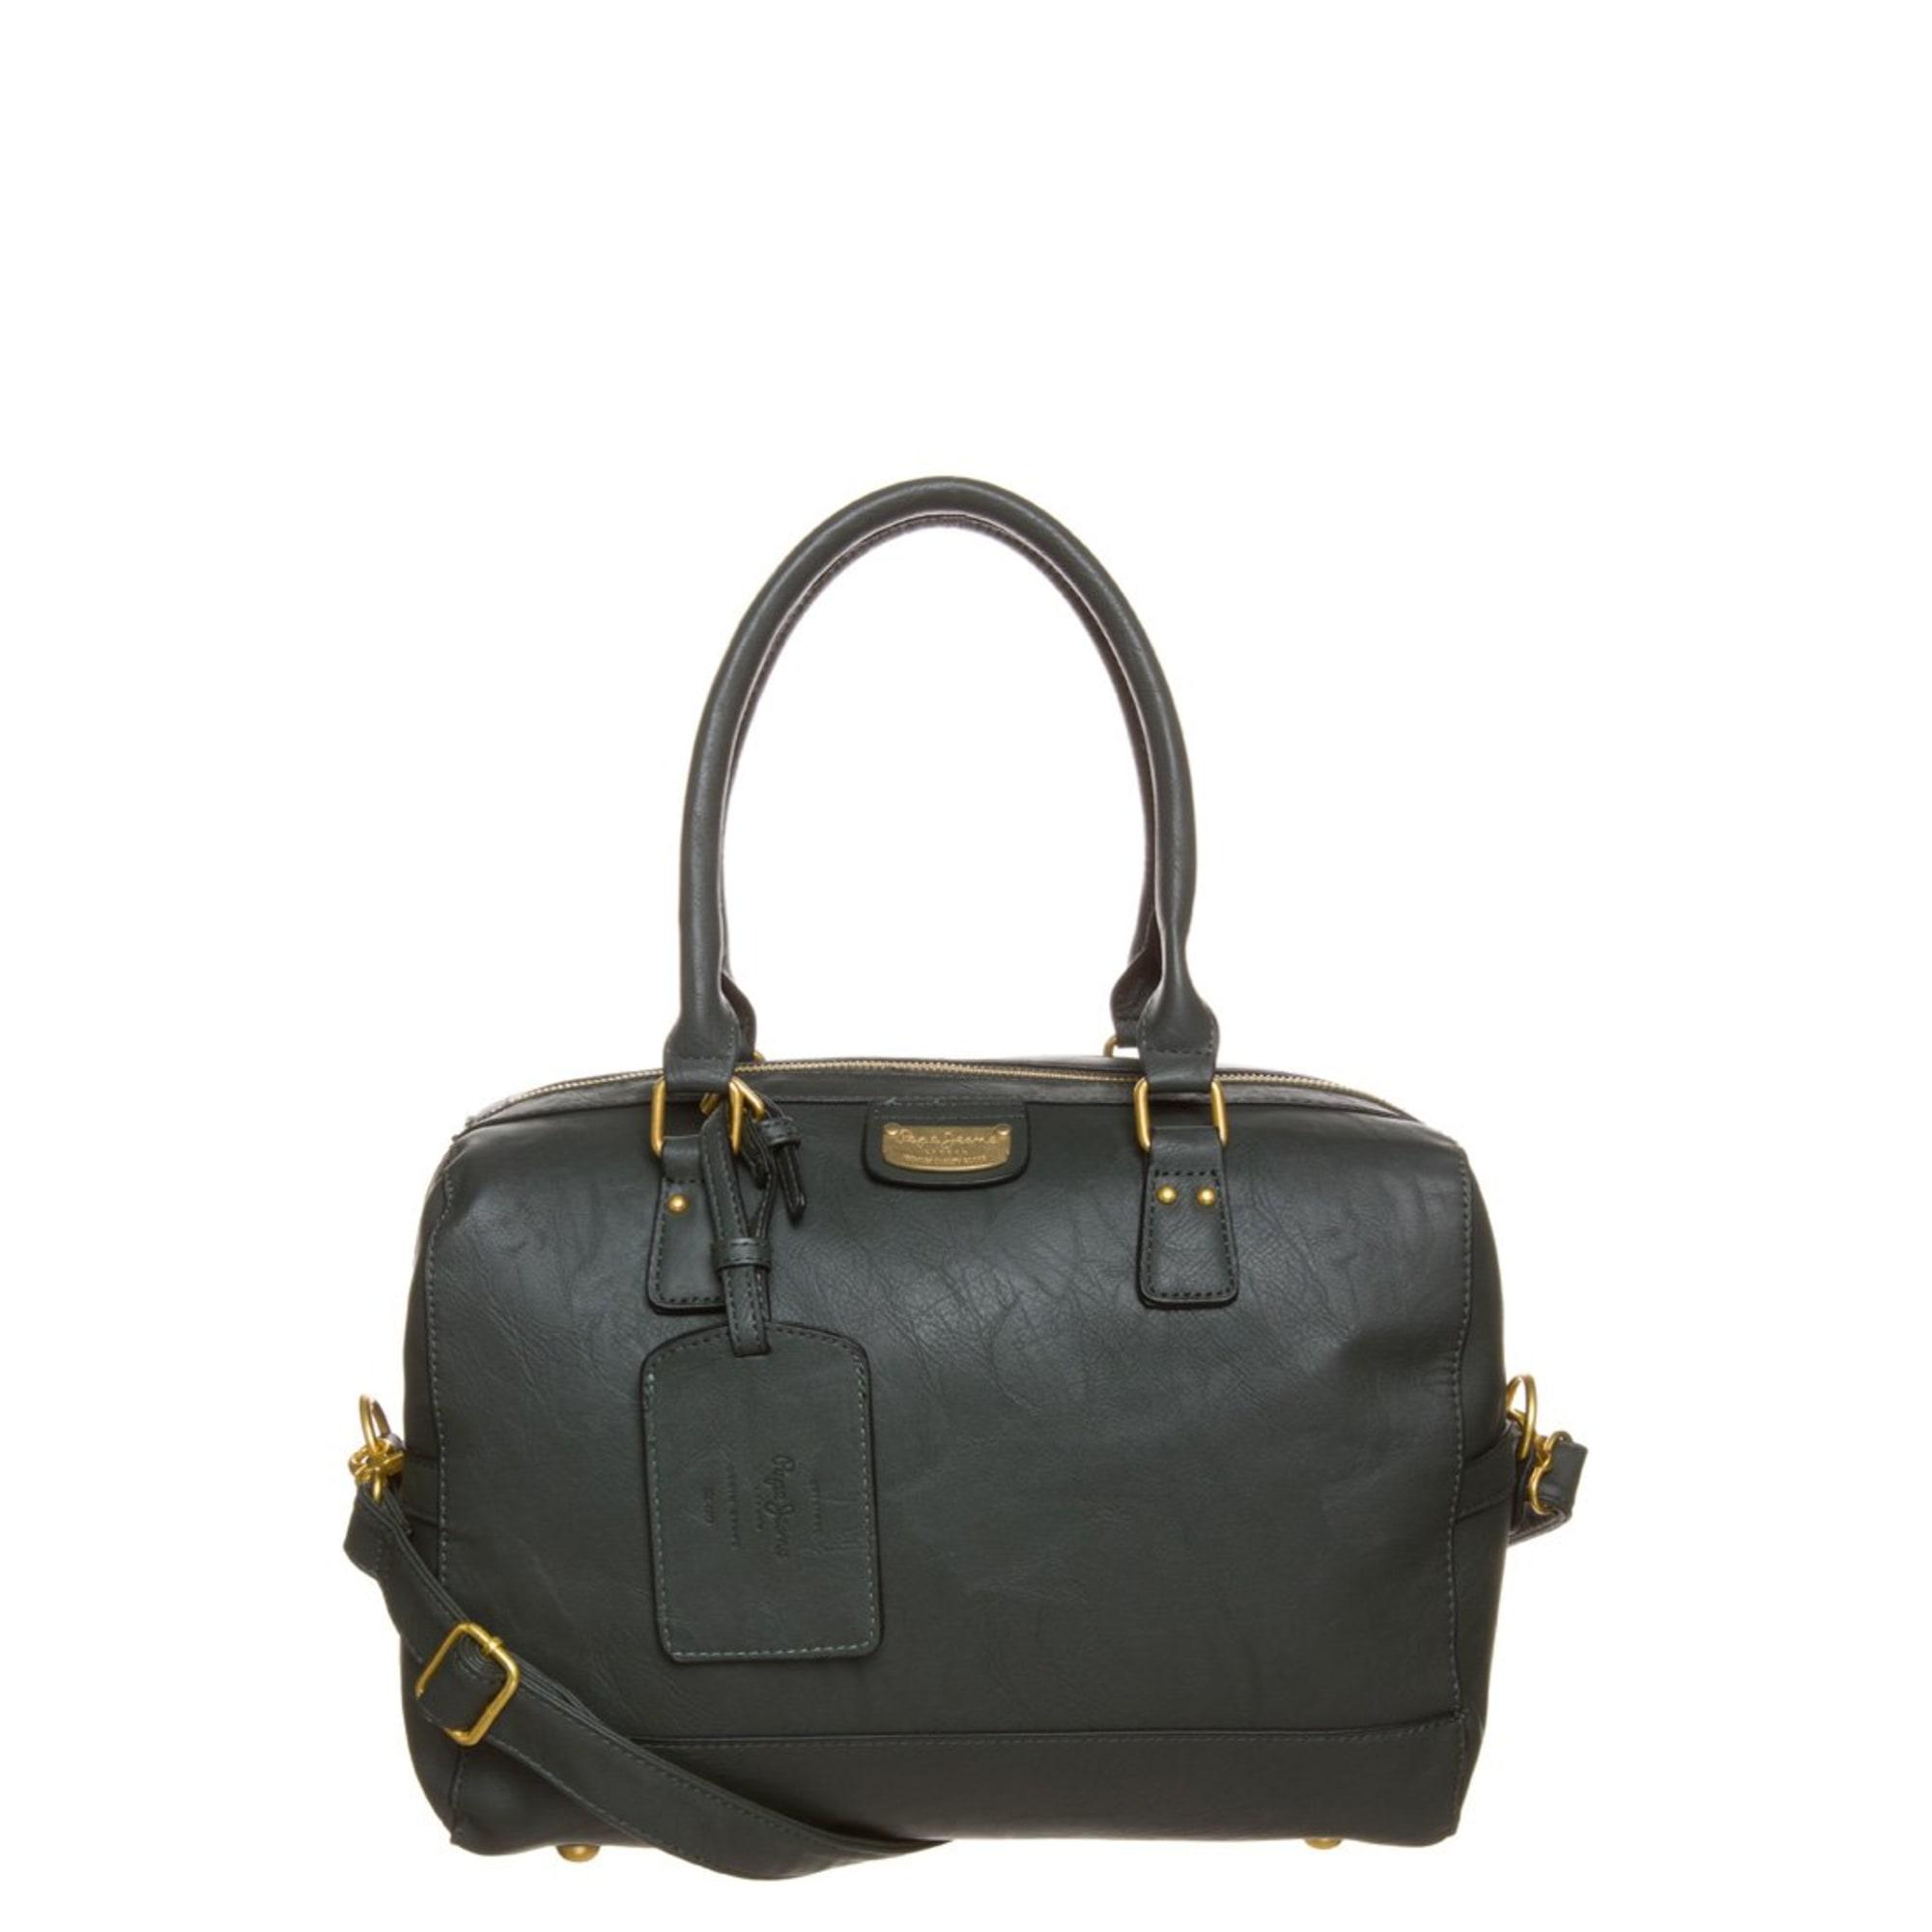 29480c7599d Sac à main en cuir PEPE JEANS noir vendu par Géraldine 156303 - 2521287